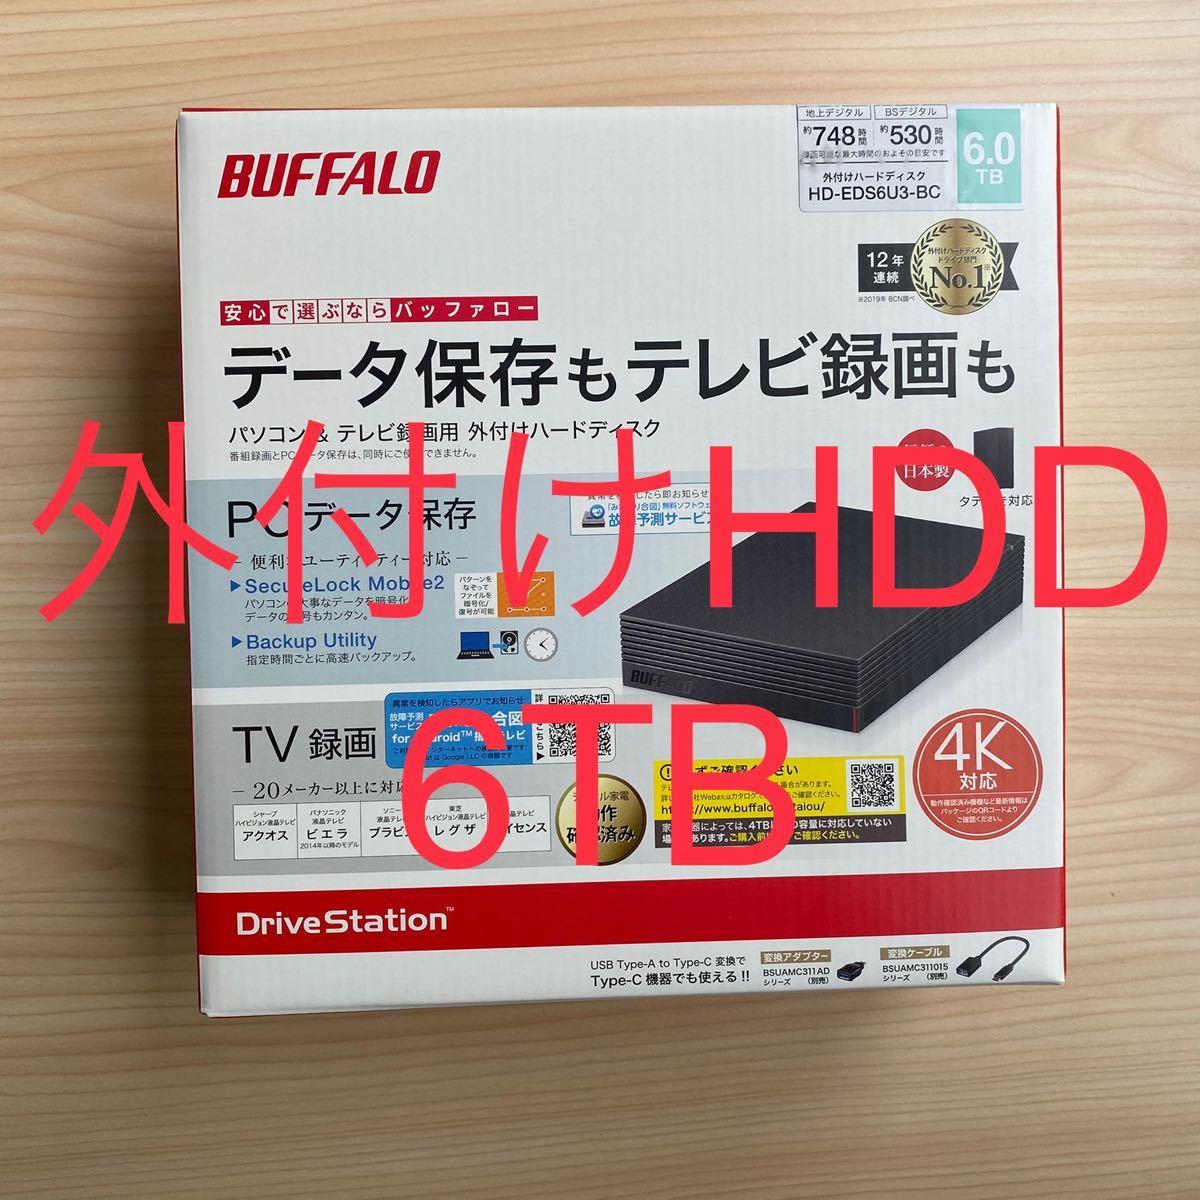 バッファロー HD-EDS6U3-BC 外付けハードディスク 6TB BUFFALO USB3.1 テレビ録画 外付HDD